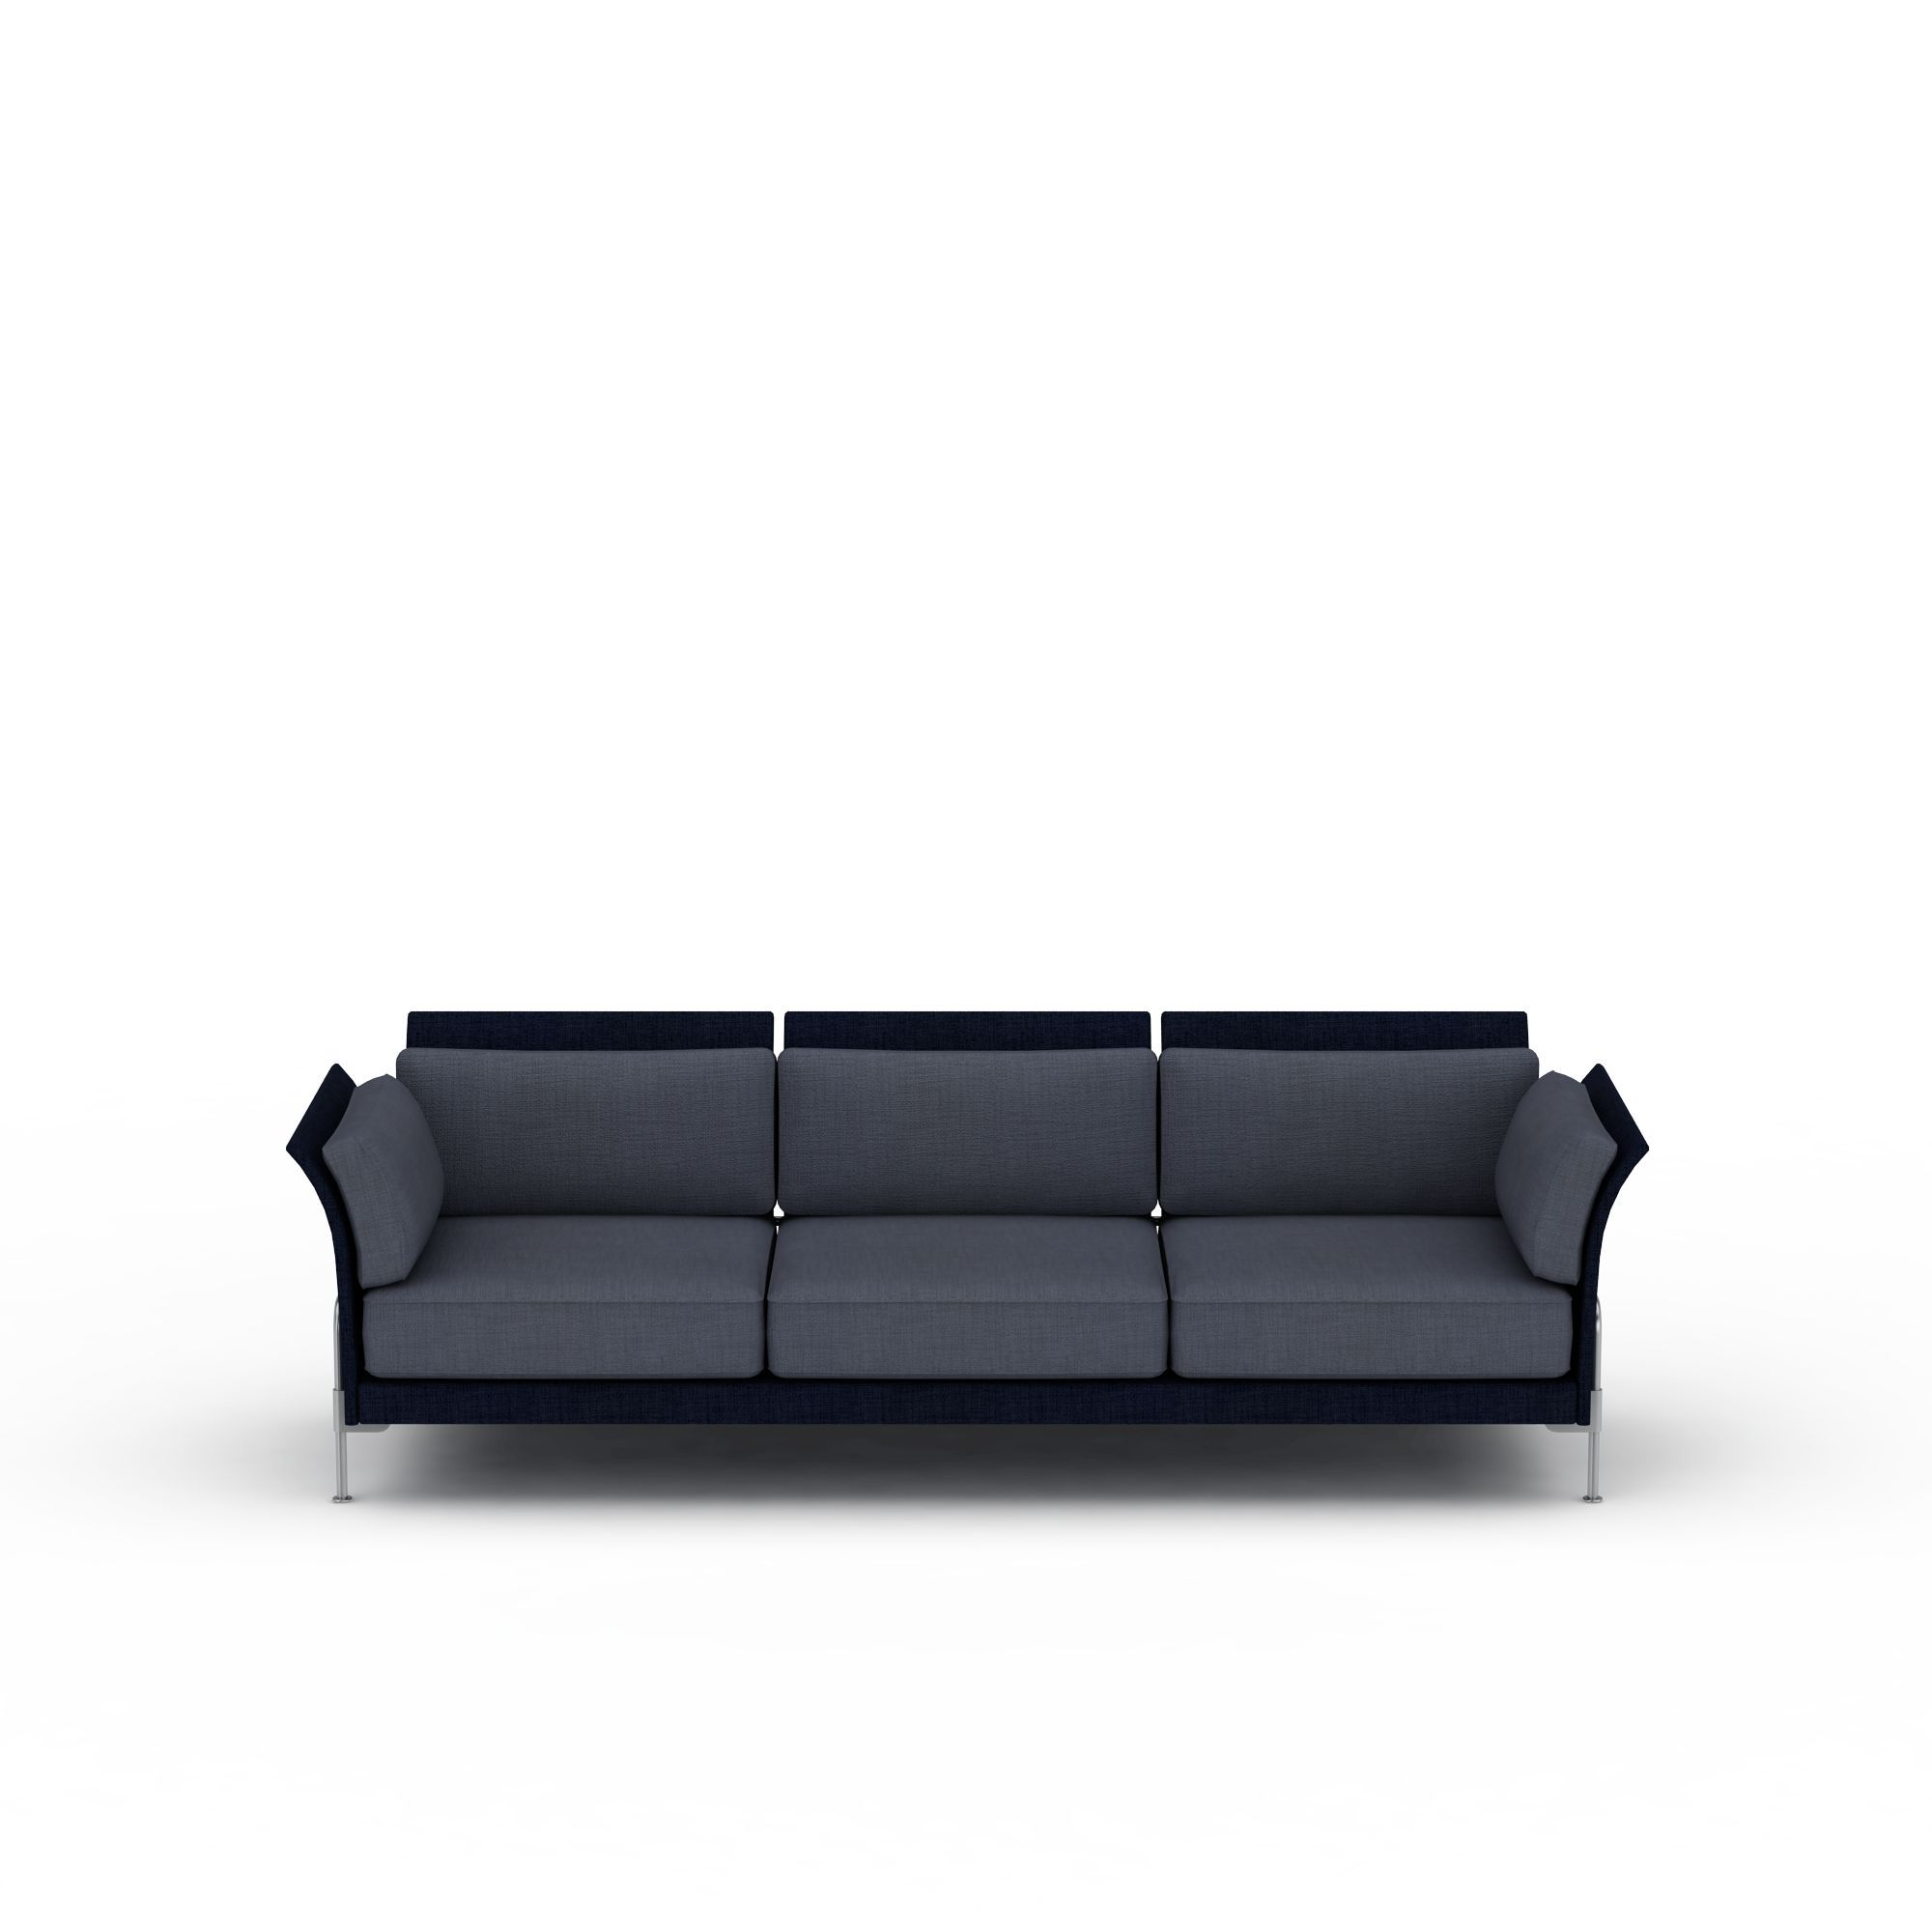 风格 欧式 上传时间 2016/03/03  关键词:客厅多人沙发3d模型灰色沙发